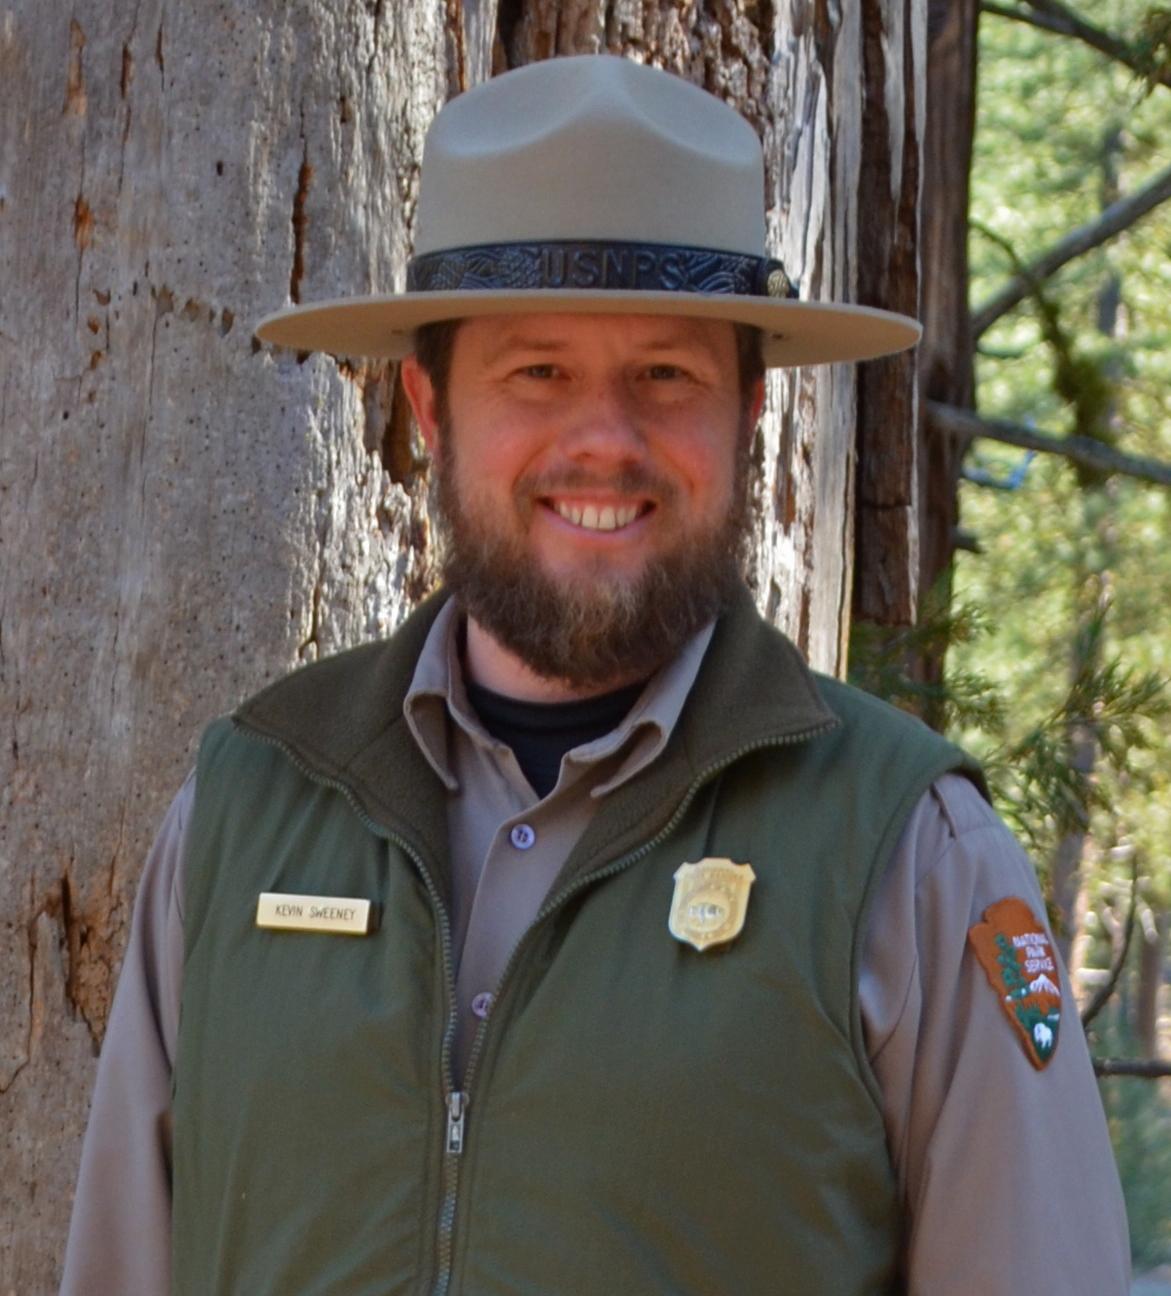 <b>KEVIN SWEENEY</b><br>Ranger, Lassen Volcanic National Park